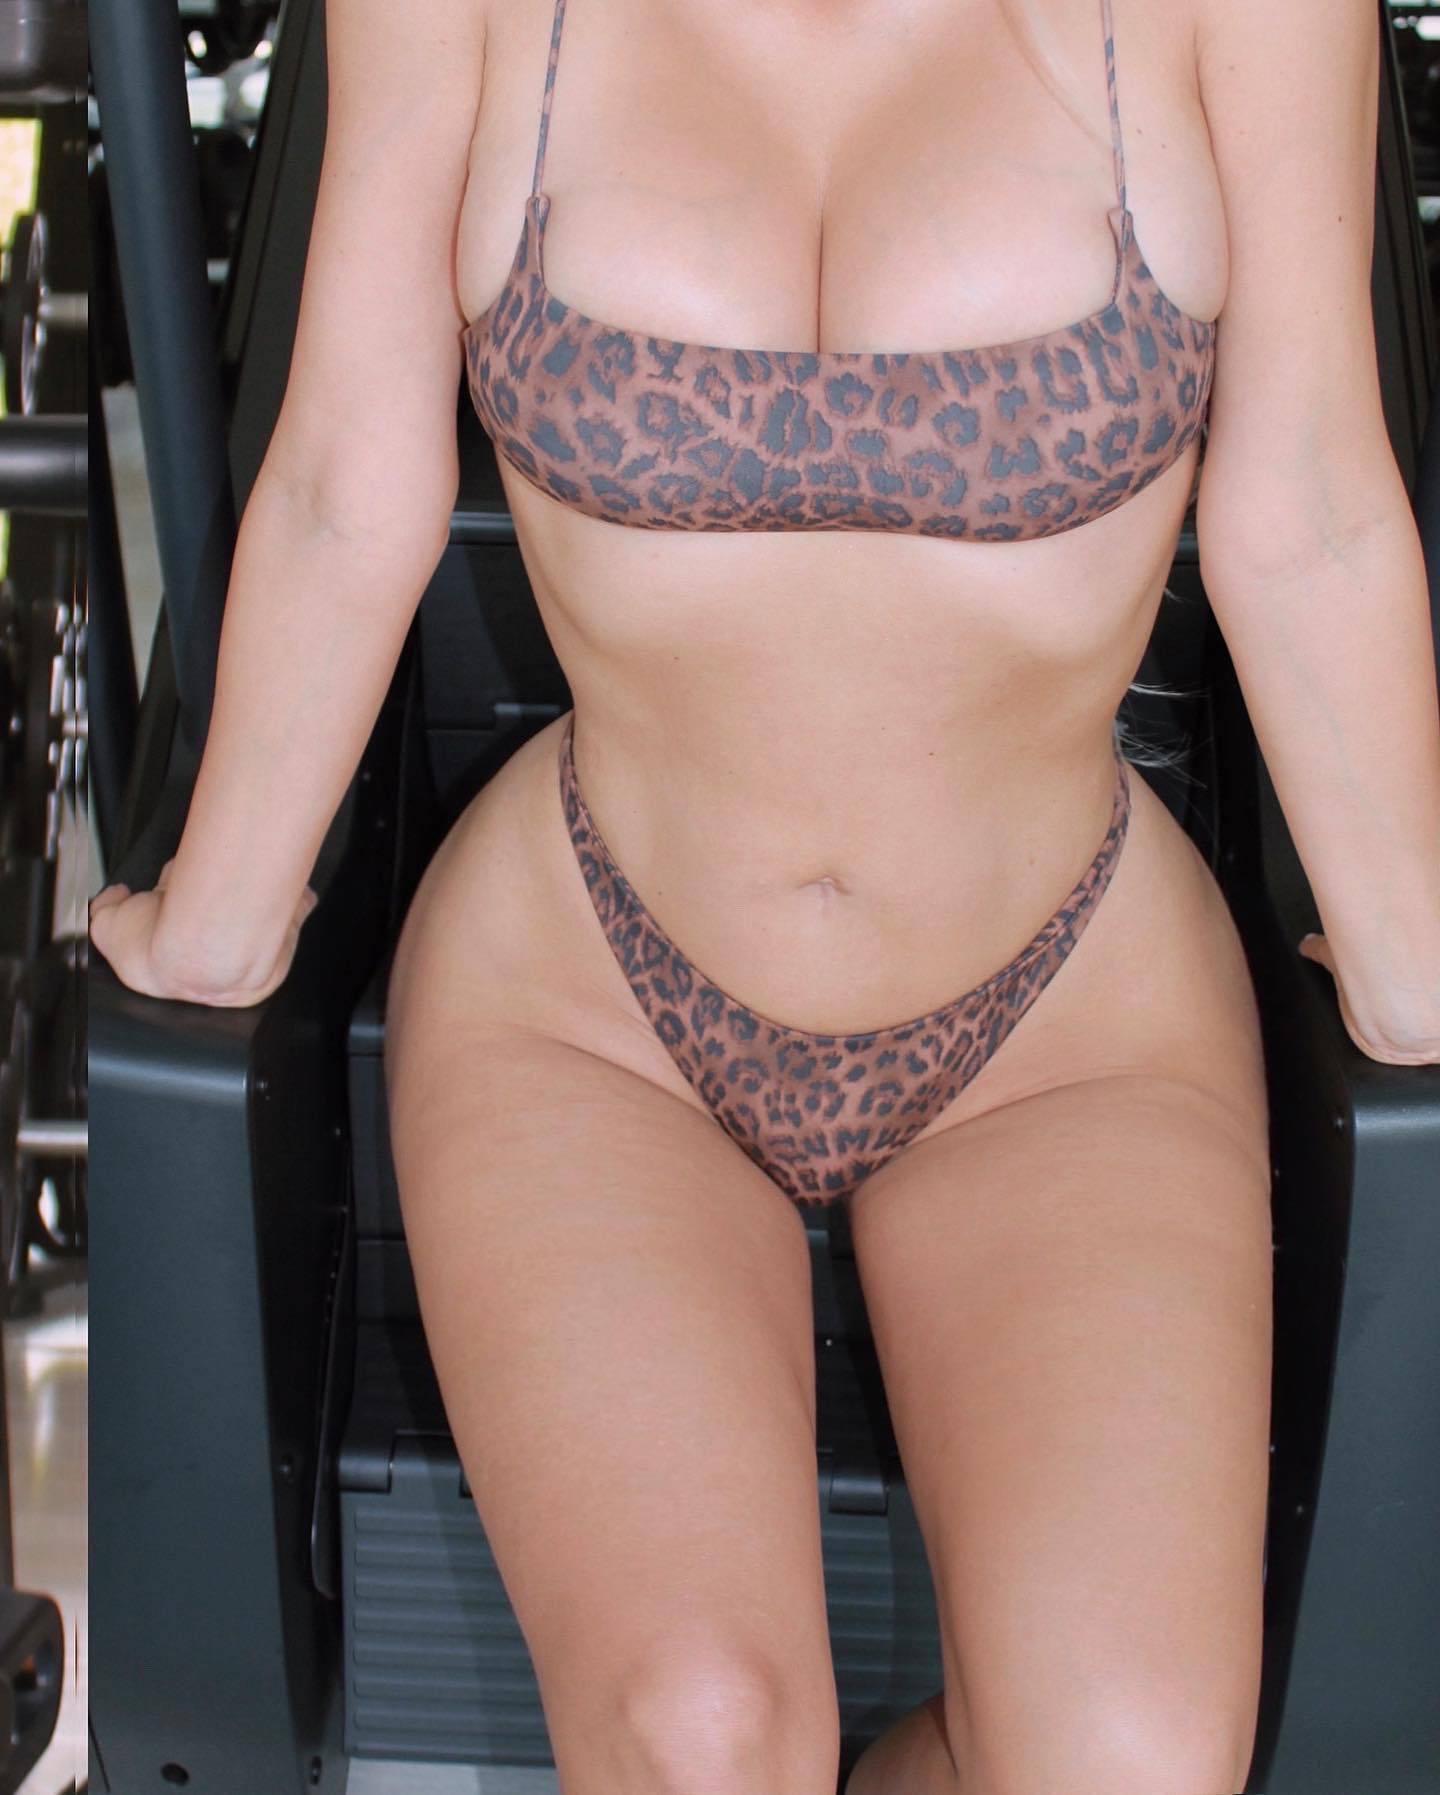 Kim Kardashian – Beautiful Curvy Body In Tiny Underwear 0001